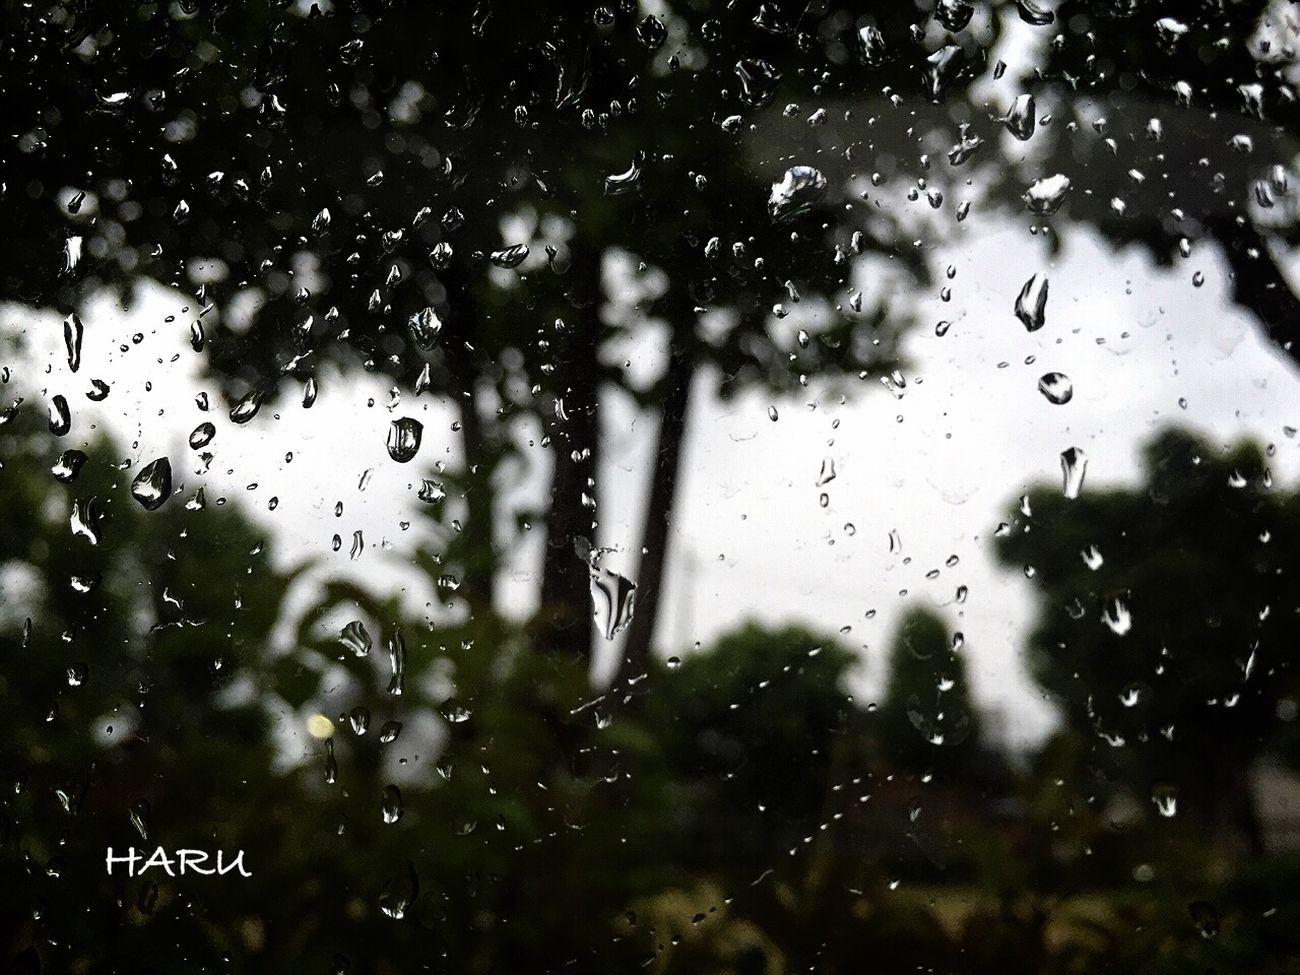 Rain 雨は 嫌い